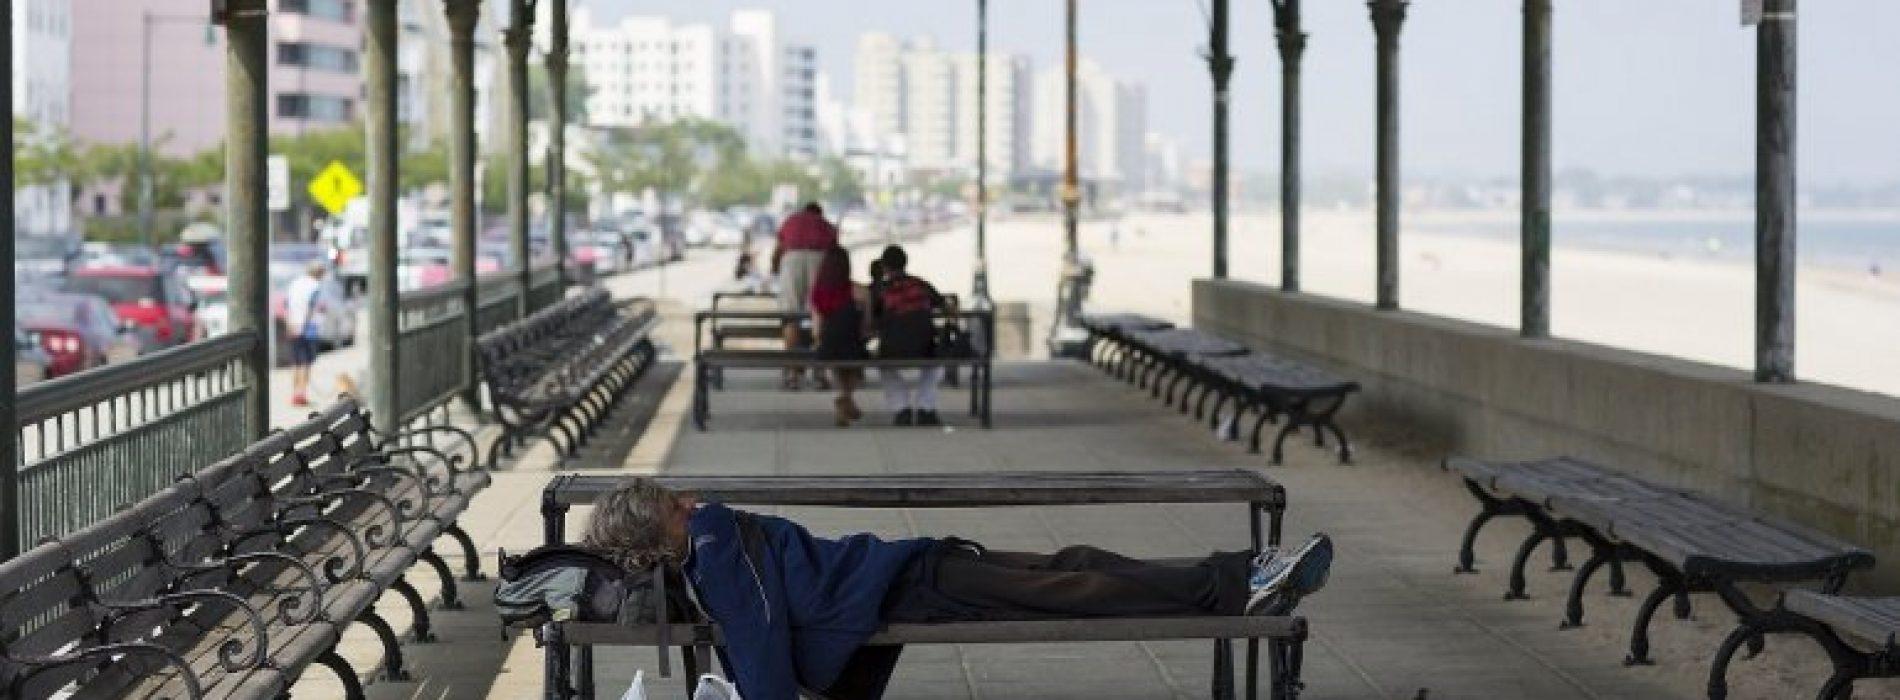 EEUU reduce el nivel de pobreza por tercer año consecutivo